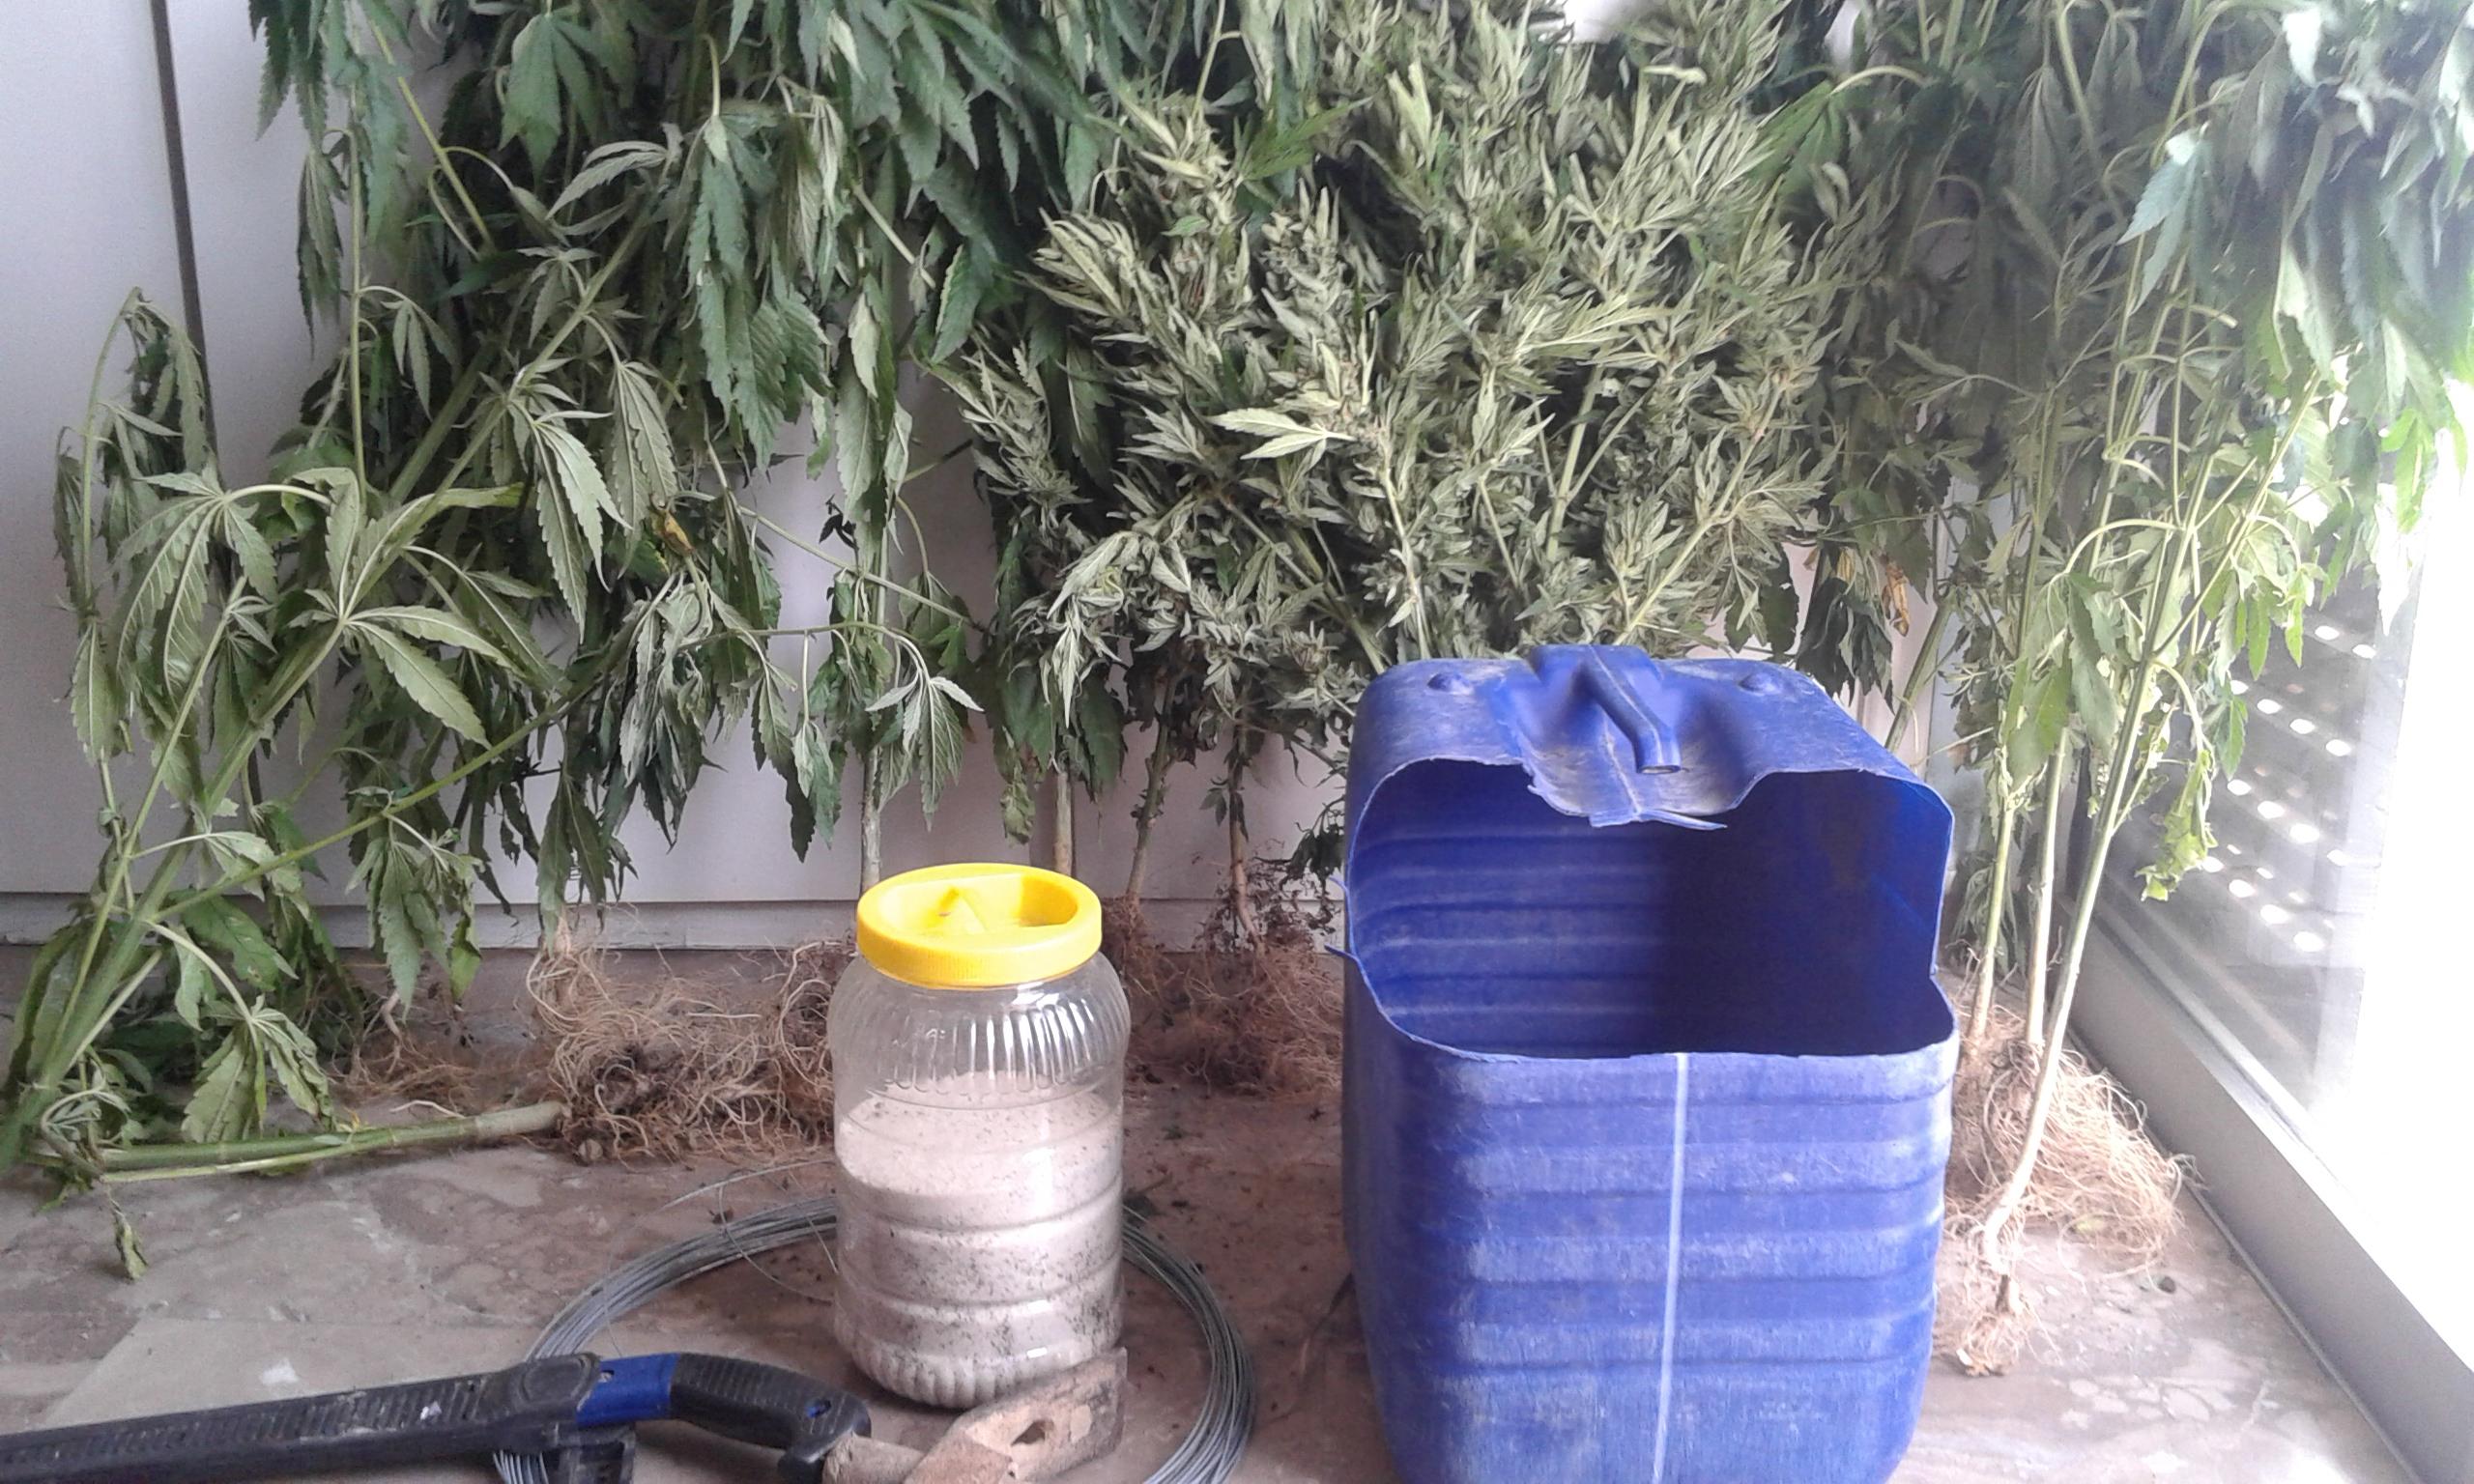 Κυλλήνη: Μέσα σε... θάμνους καλλιεργούσε 35 δενδρύλια κάνναβης - Συνελλήφθη 46χρονος την ώρα που τα πότιζε! (Photos)